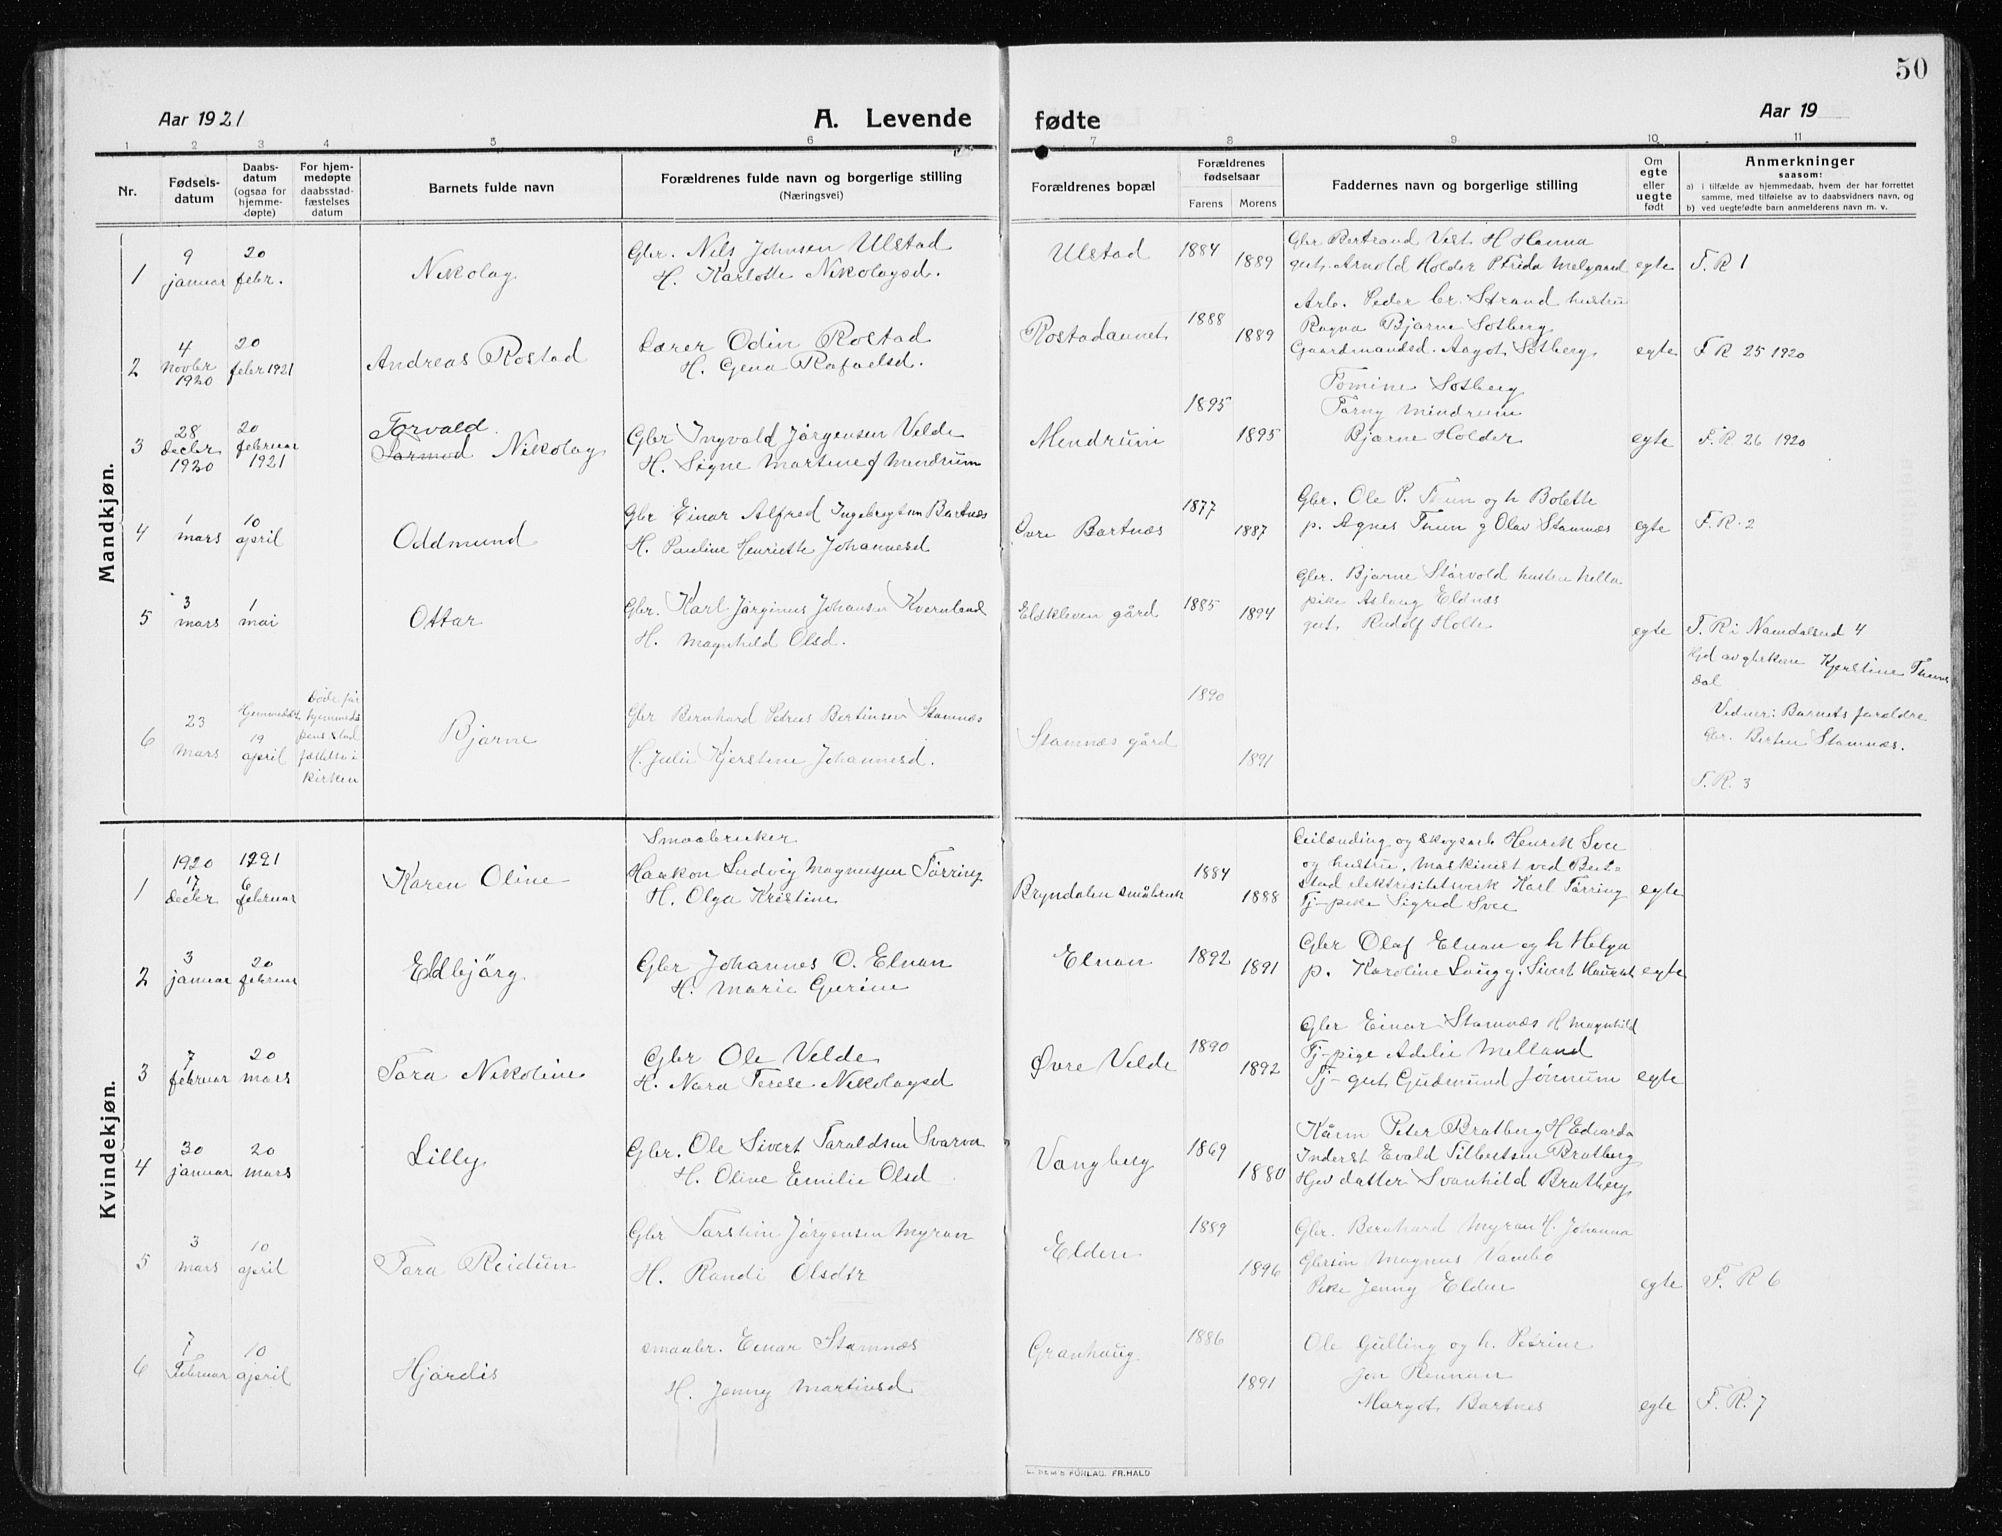 SAT, Ministerialprotokoller, klokkerbøker og fødselsregistre - Nord-Trøndelag, 741/L0402: Klokkerbok nr. 741C03, 1911-1926, s. 50